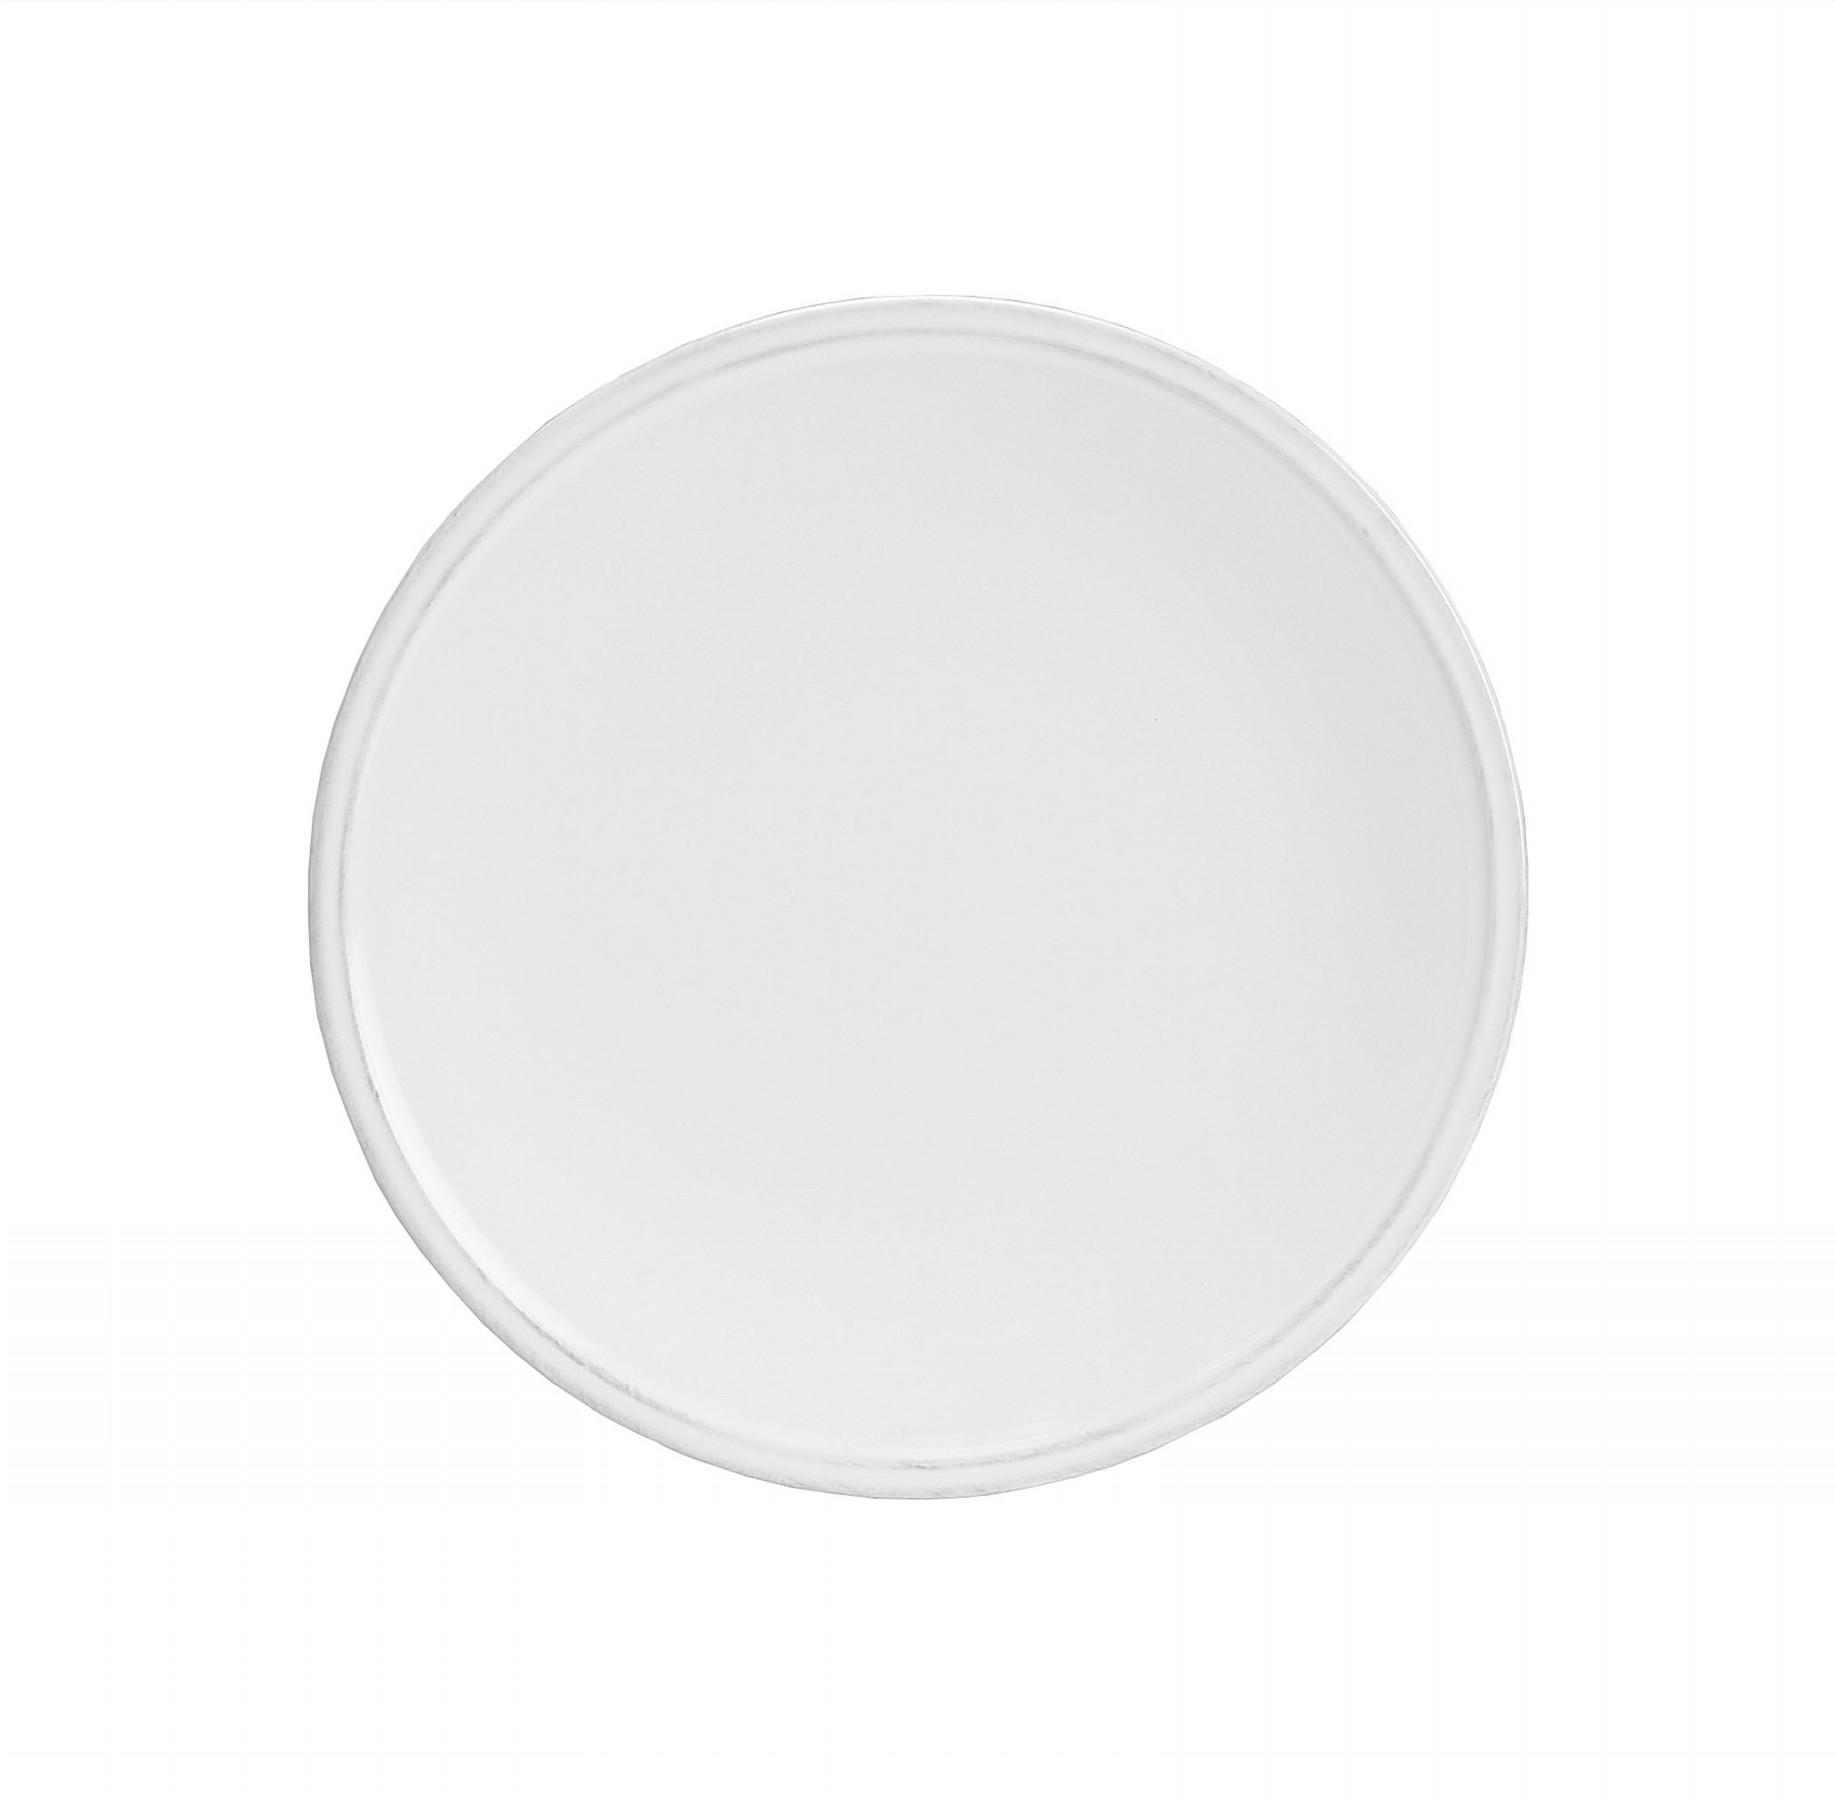 COSTA NOVA Talíř dezertní Friso 22cm bílý